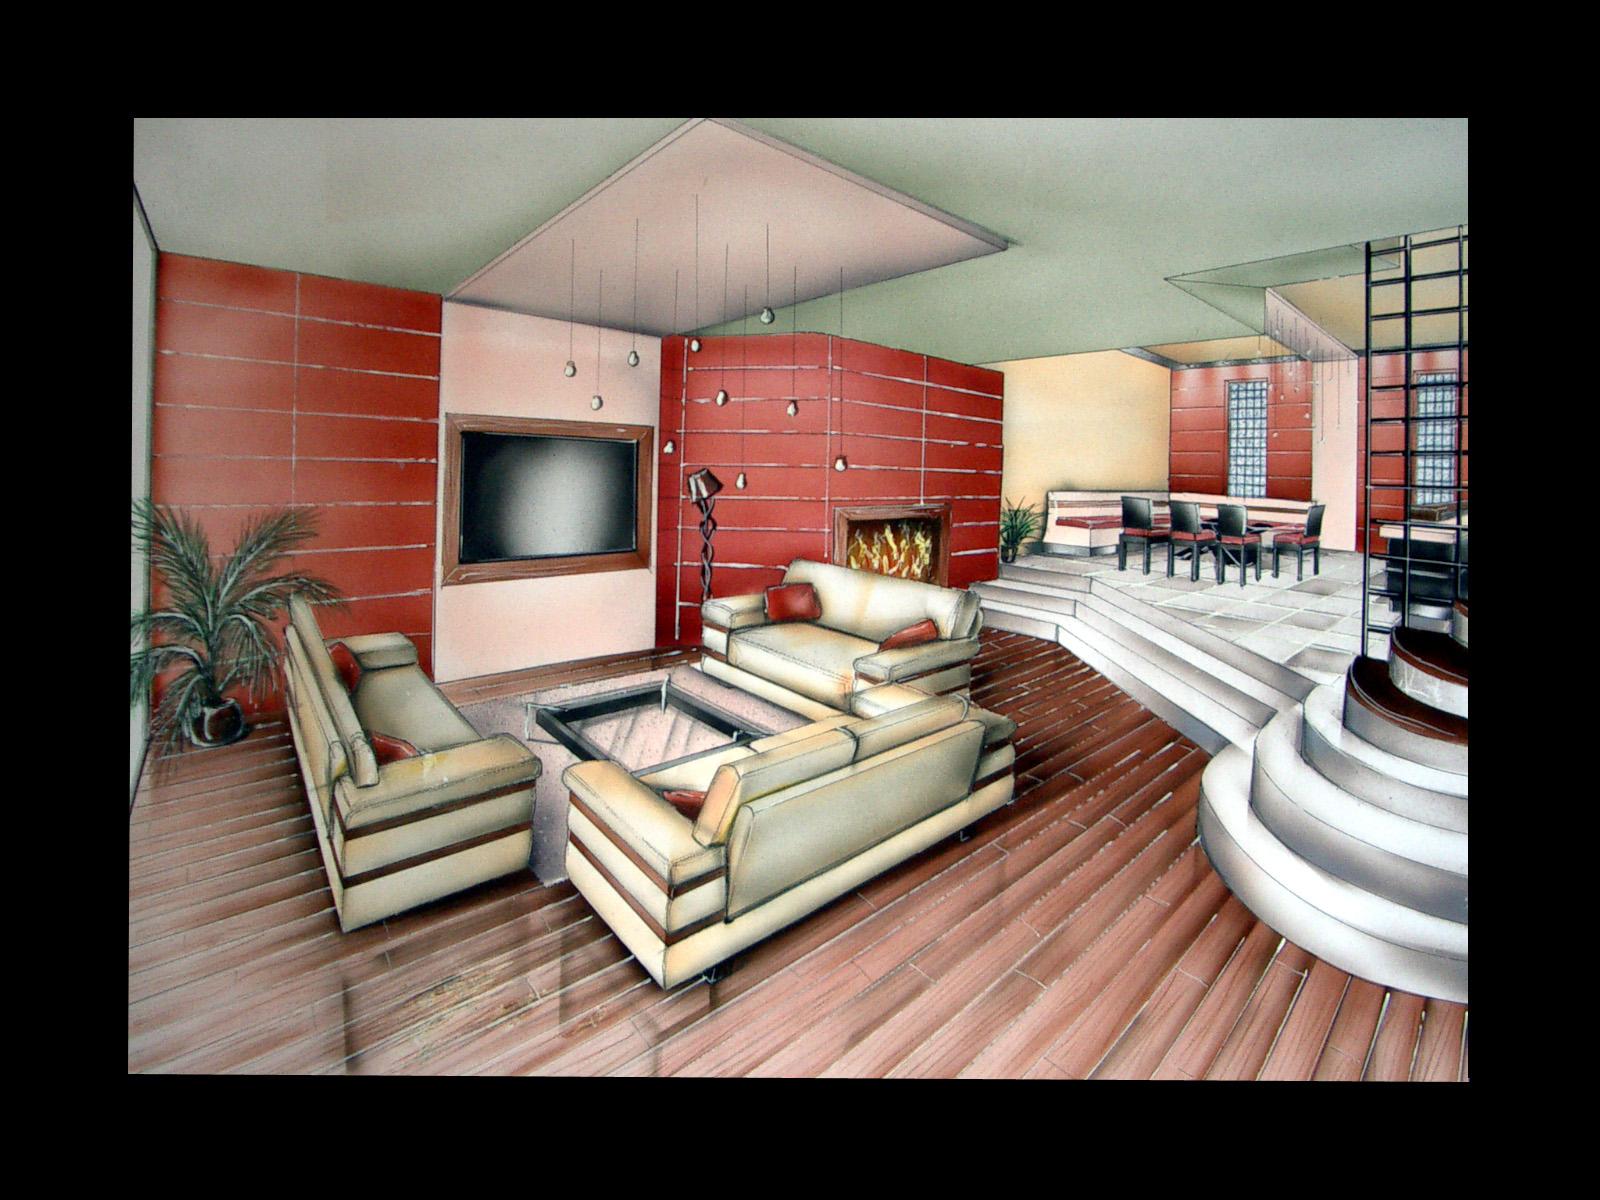 Canape Moderne Dessin Perspective : Fond pour vos créations